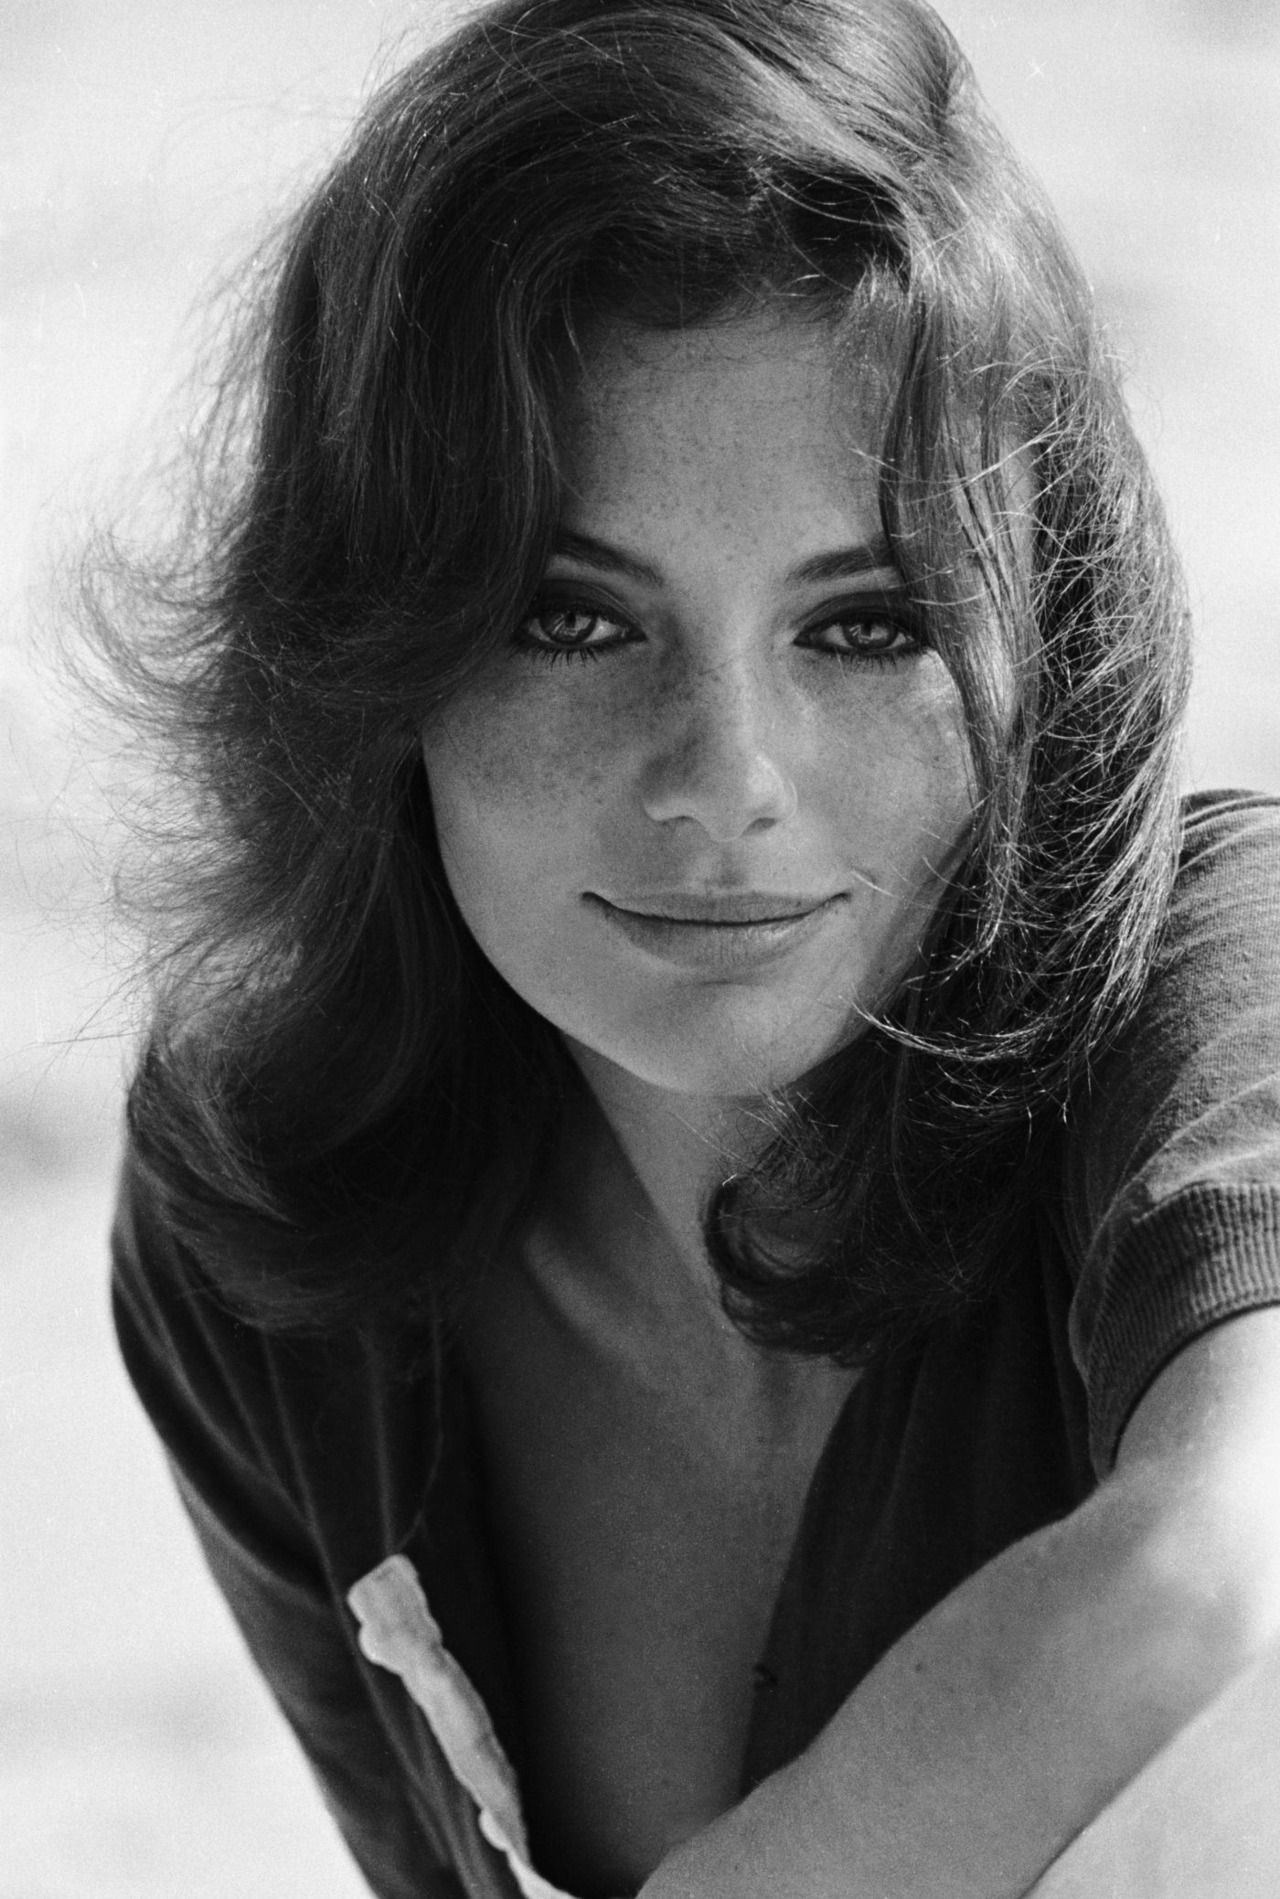 Jacqueline Bisset (born 1944) nudes (26 photos), Tits, Cleavage, Selfie, butt 2015